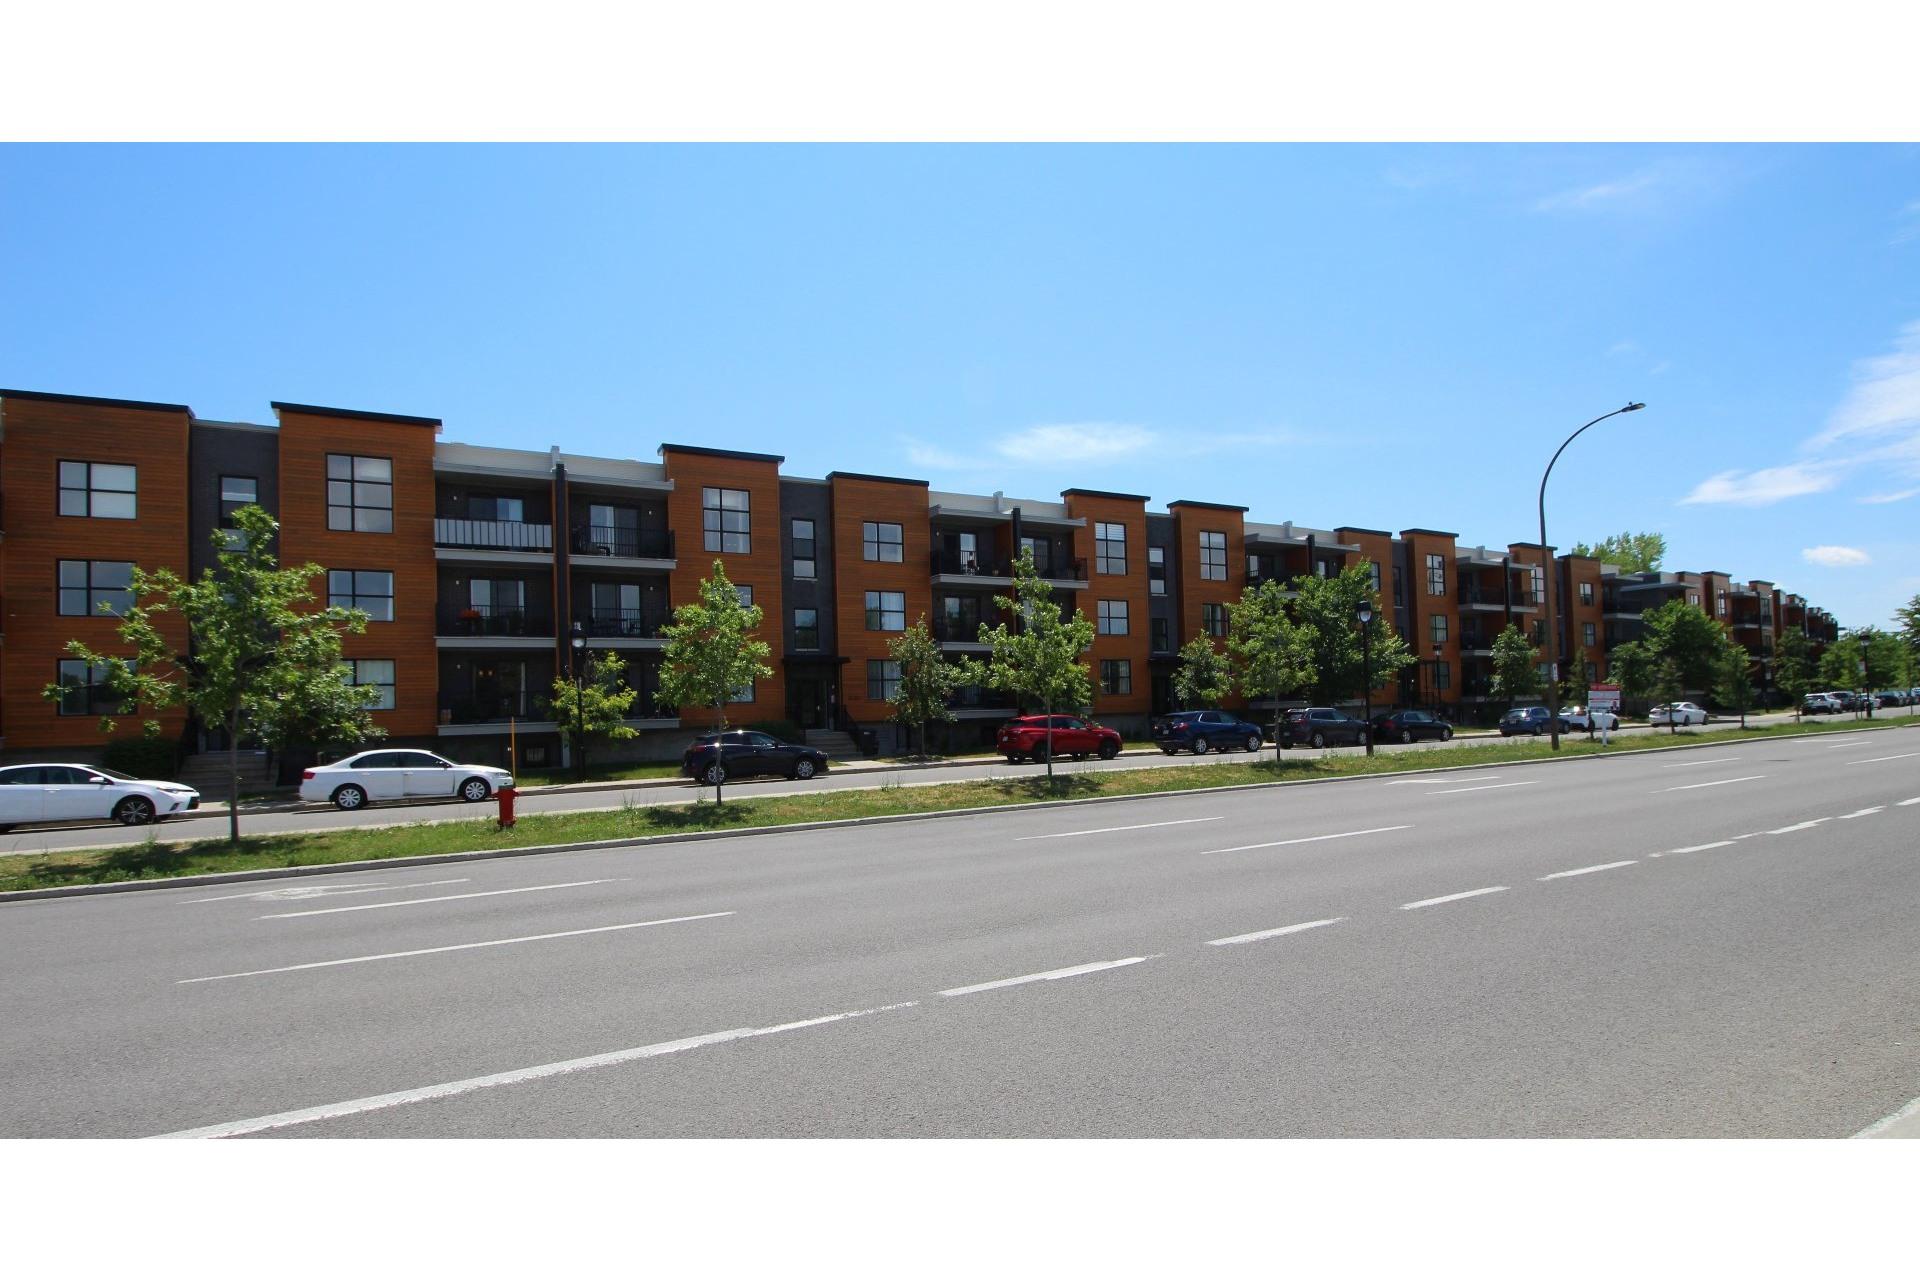 image 17 - Apartment For sale Rivière-des-Prairies/Pointe-aux-Trembles Montréal  - 9 rooms